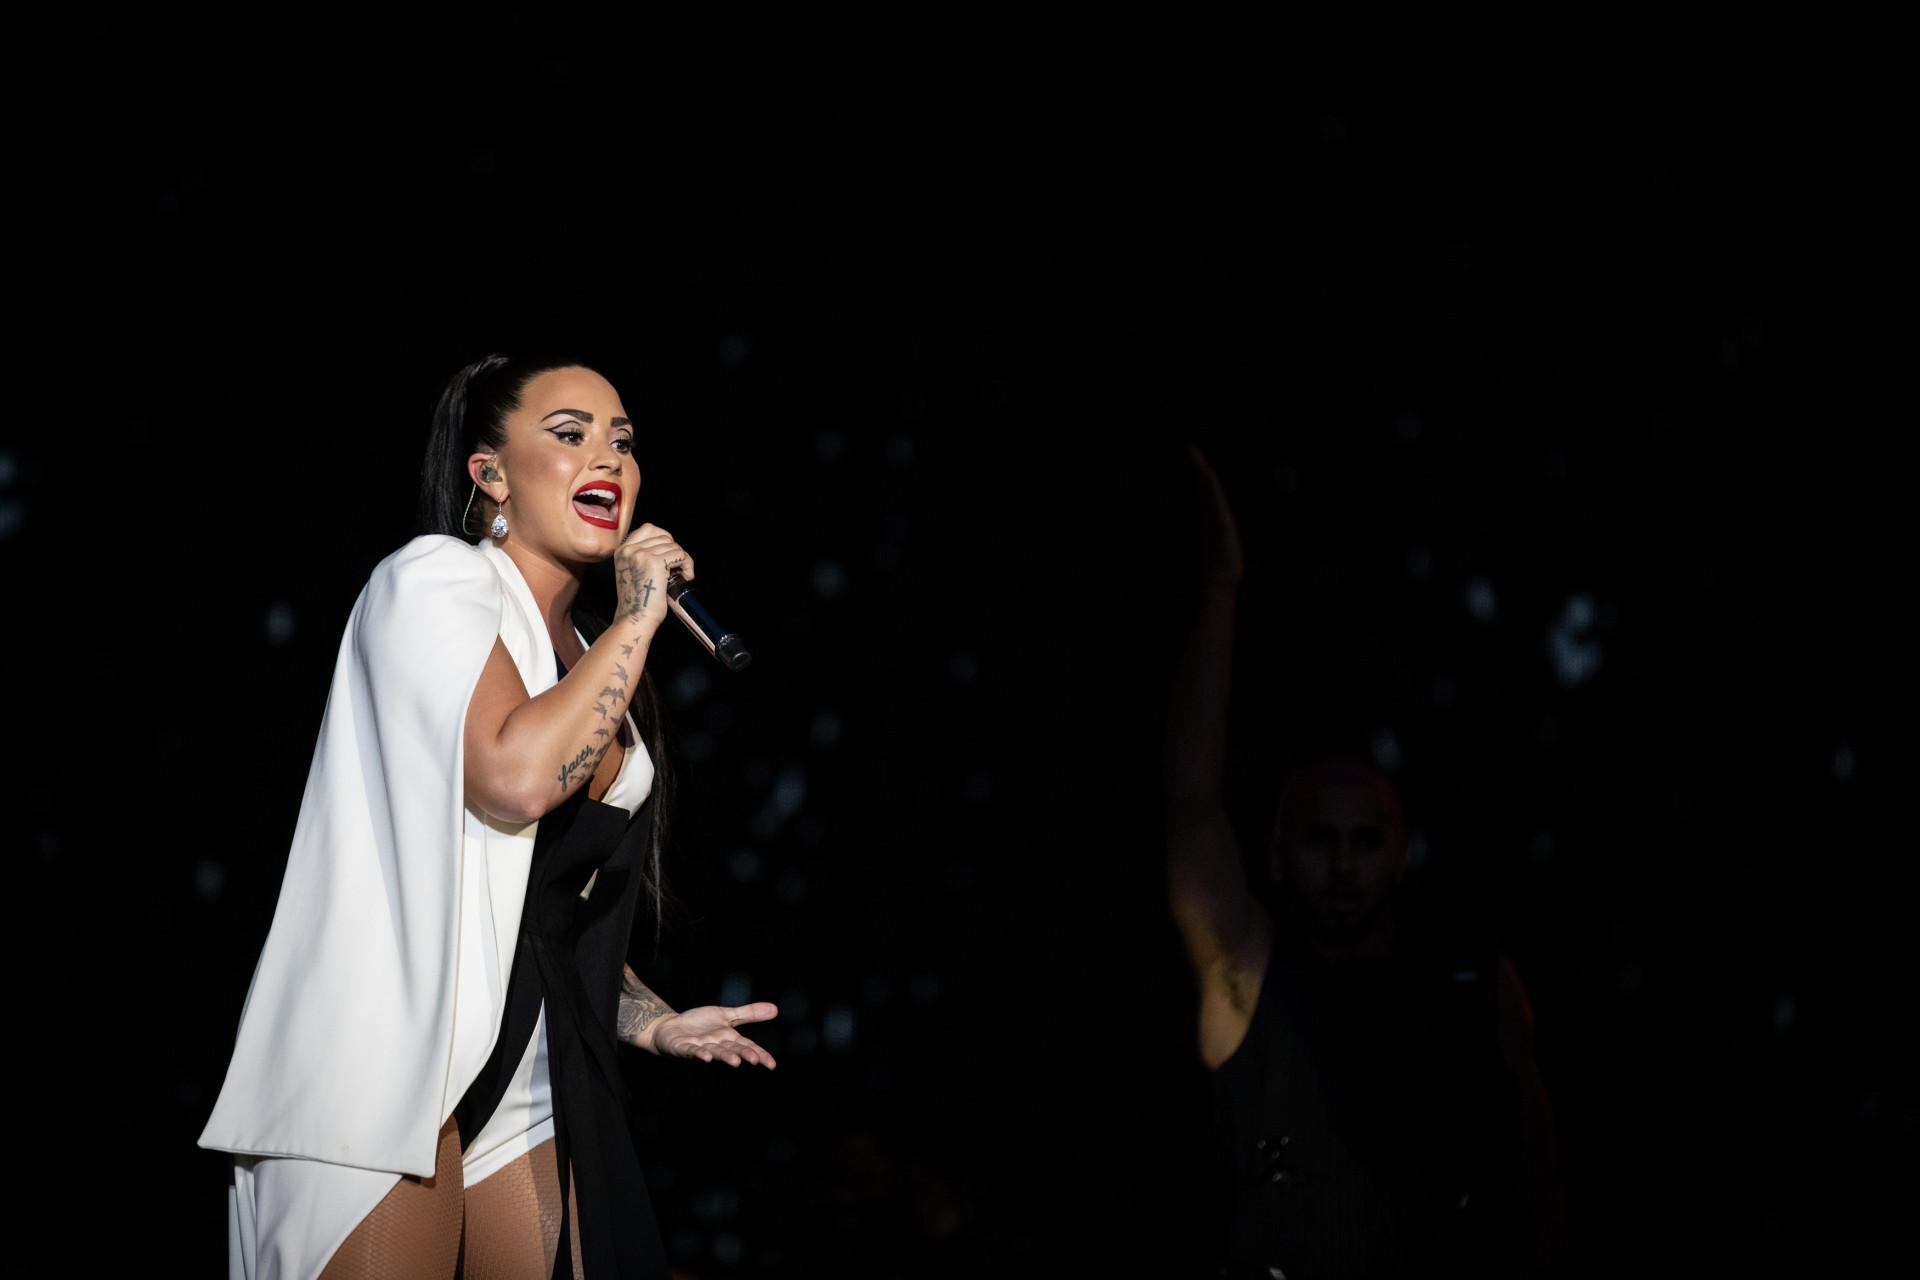 Lovato emociona fãs portugueses com música após alegada recaída no álcool